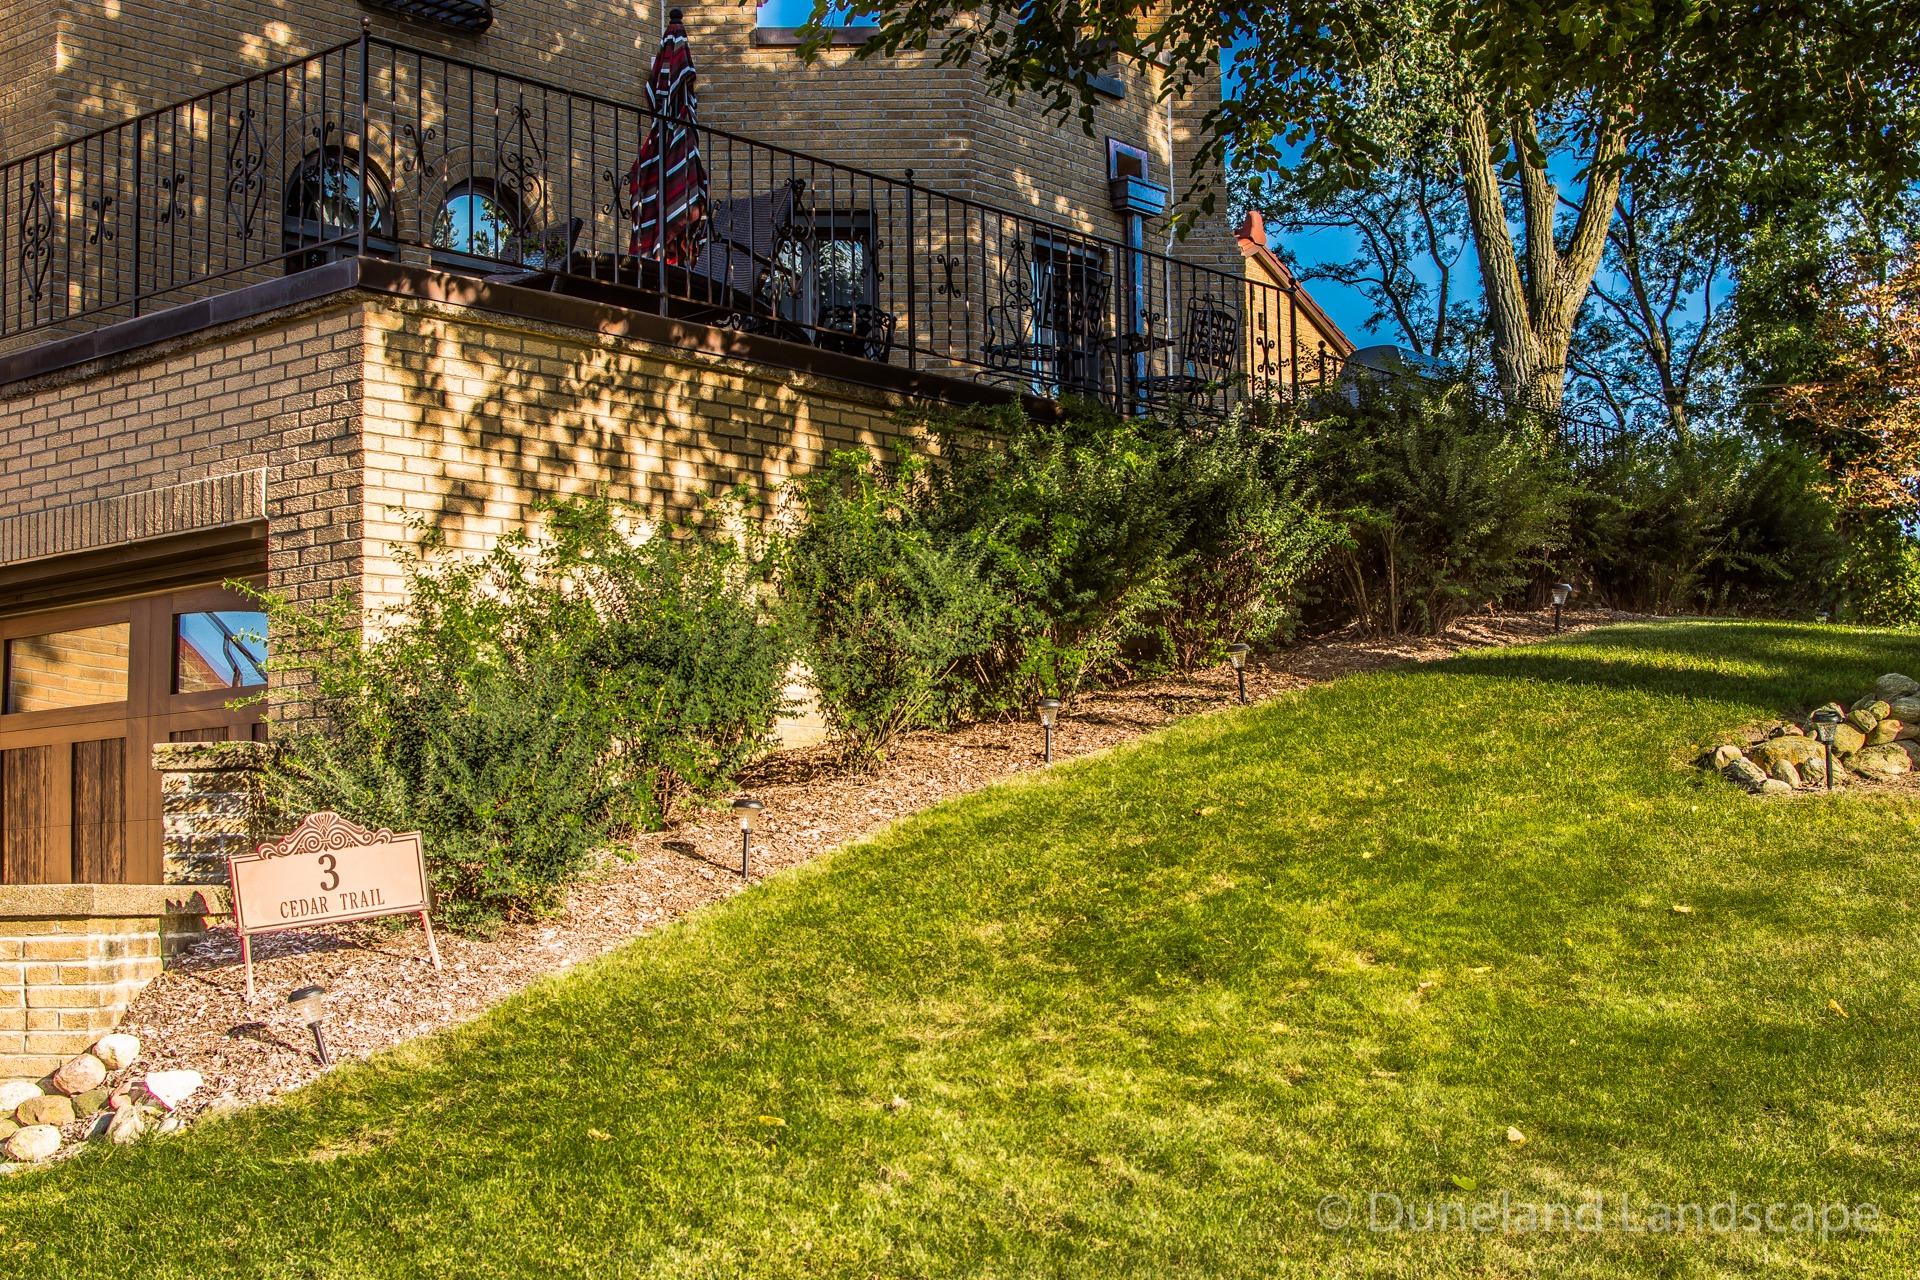 using bushes in landscape design